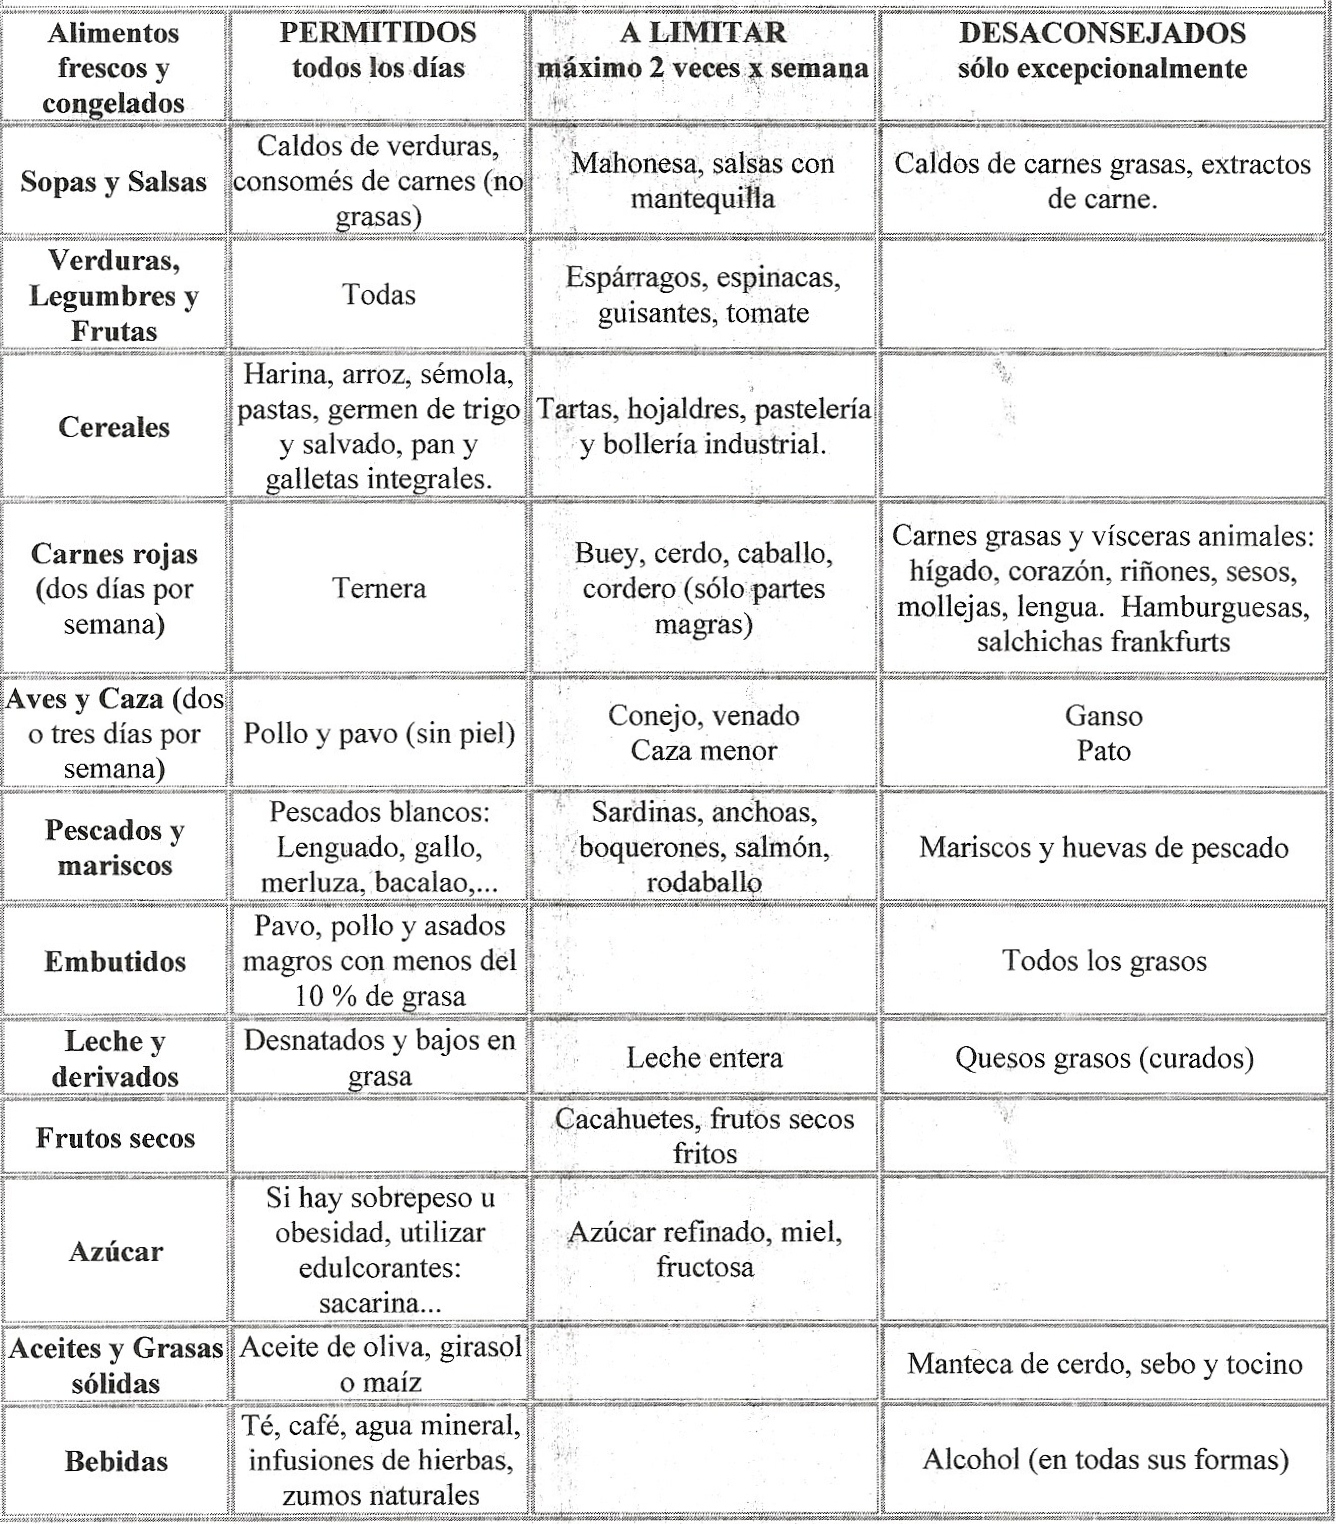 dedos.hinchados acido urico thrombocidal dieta para la gota o control del acido urico alimentos contraindicados para enfermedad gota